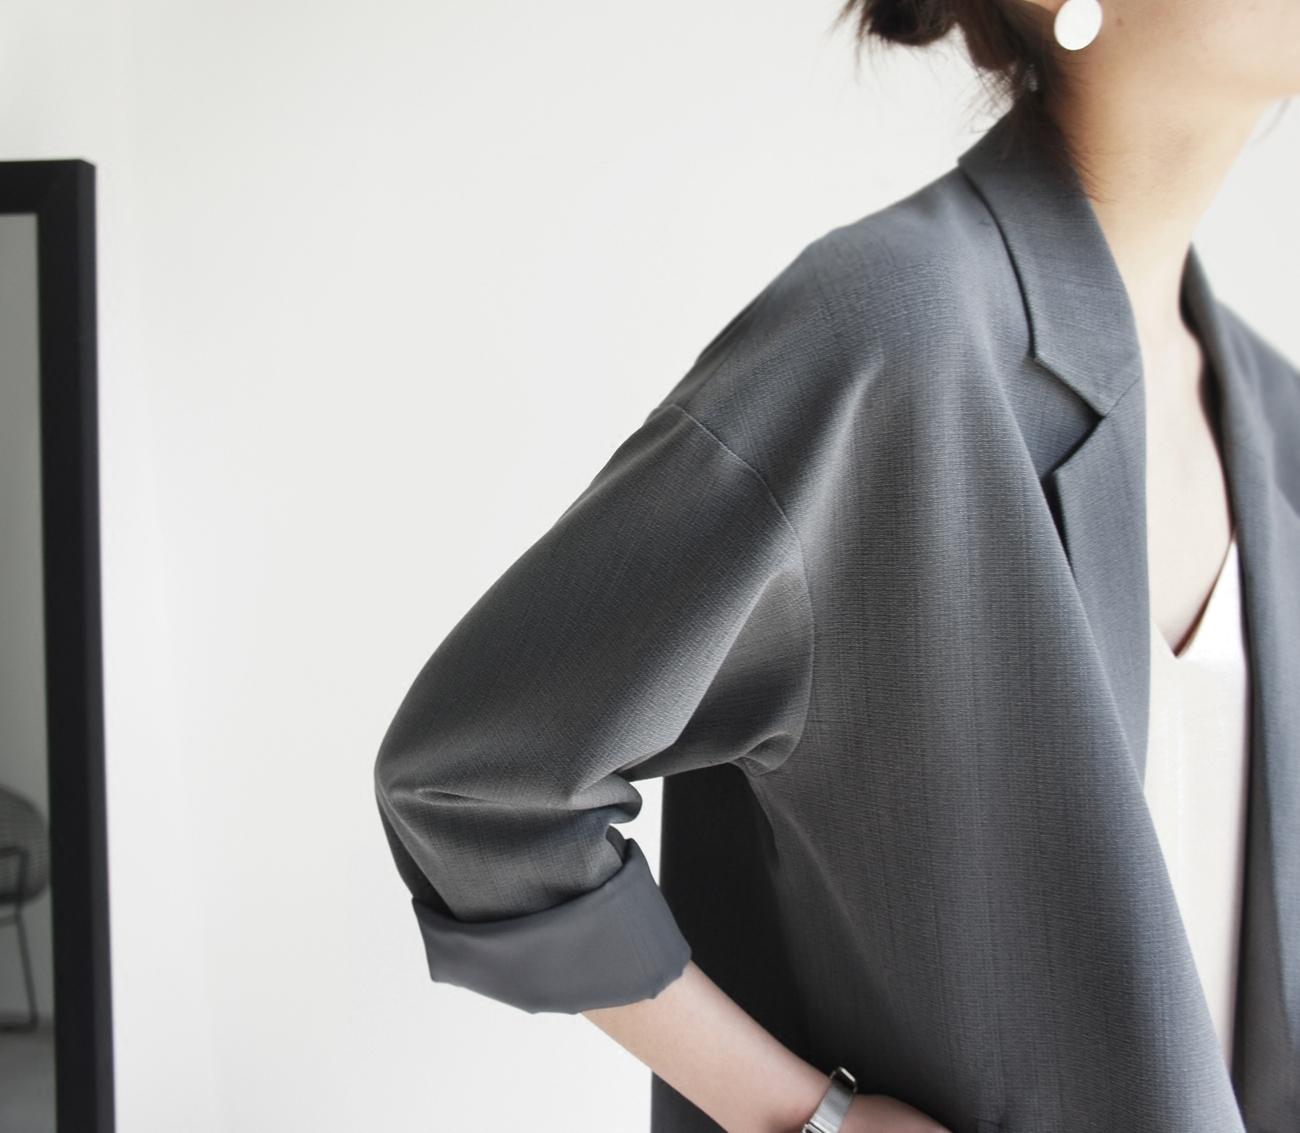 JO-JO-Z эксклюзивный кокон тип костюм пальто слоны серые вертикальный провод неясный продвинутый очень включать тонкий темперамент рекомендация